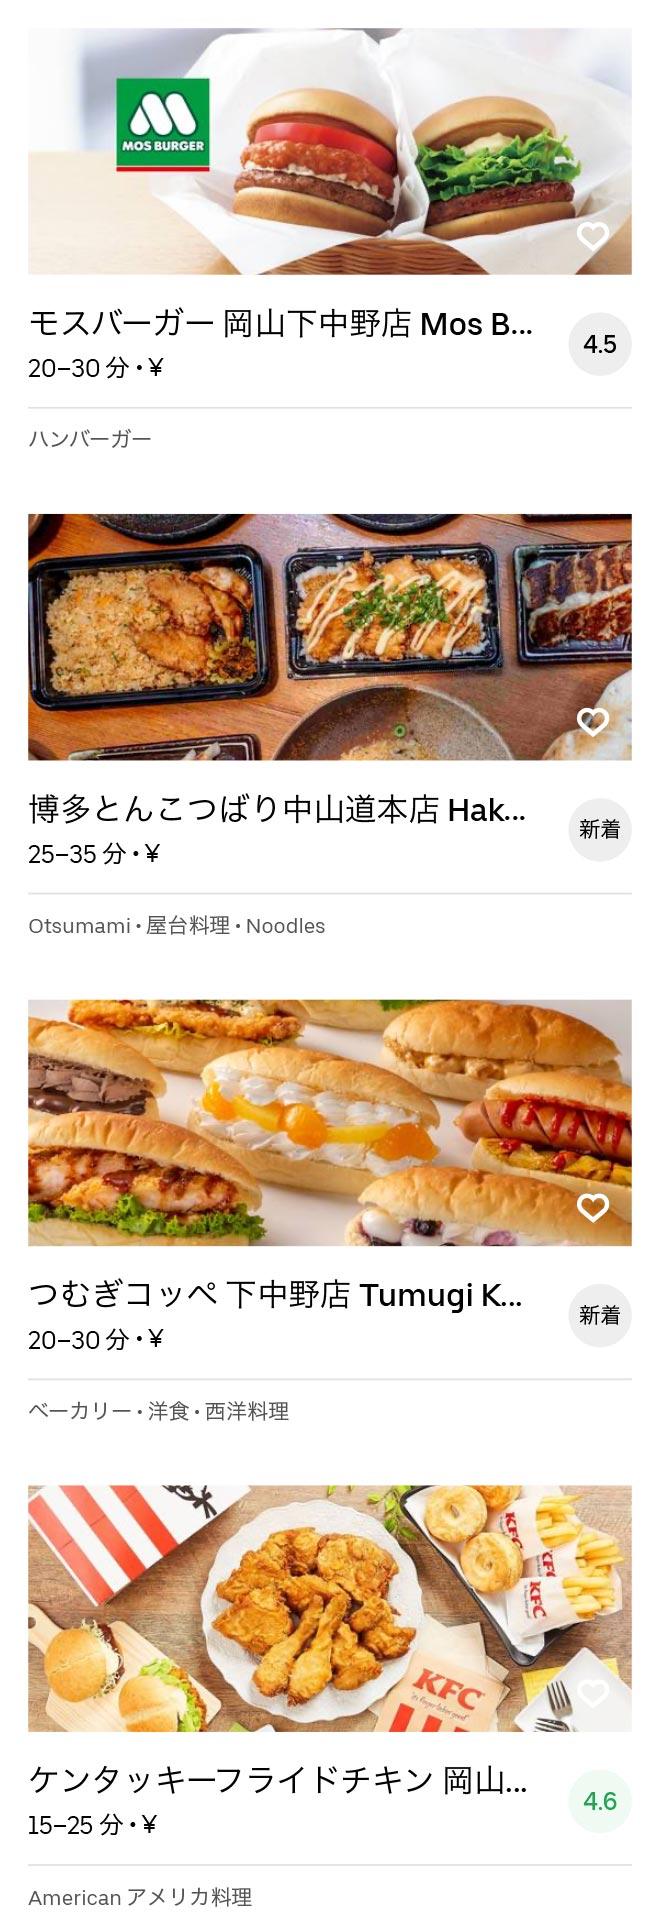 Bizen nishiichi menu 2007 02